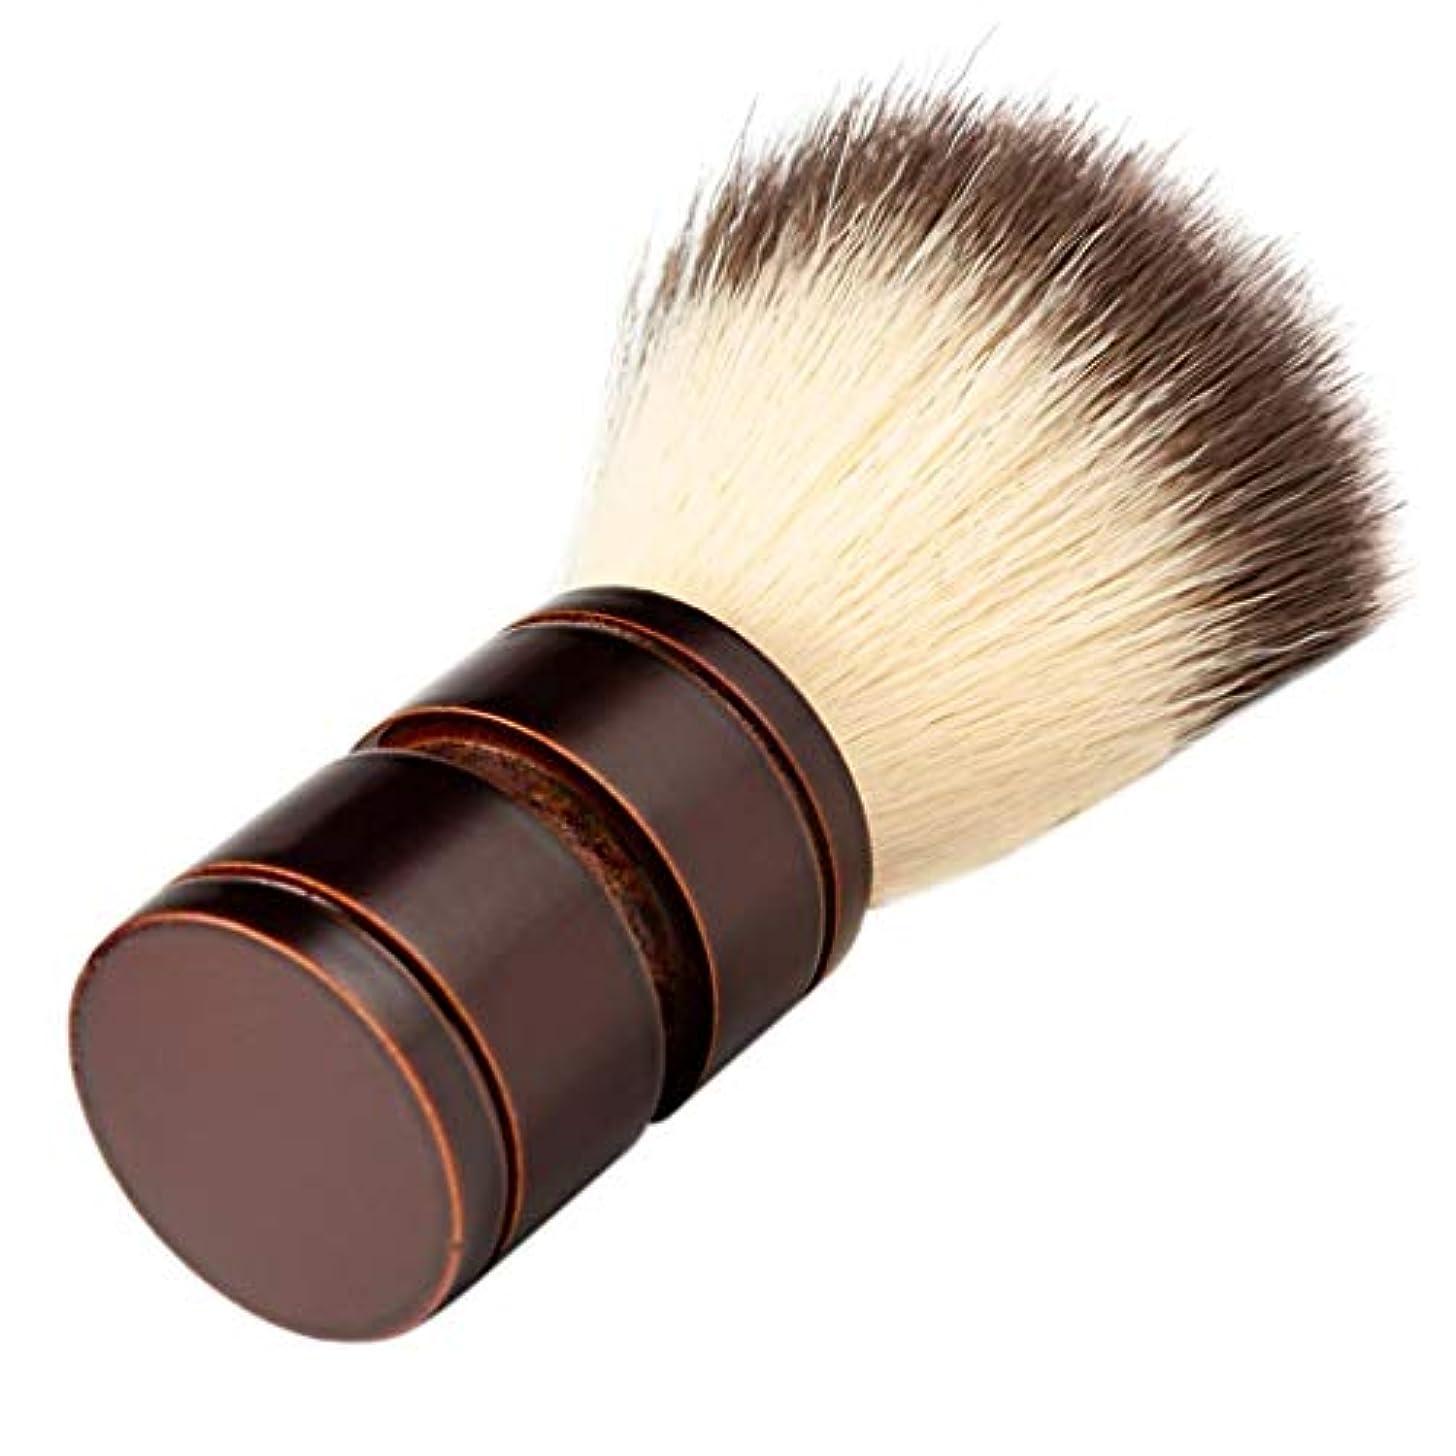 クラック生理弾性ひげブラシ シェービングブラシ ひげ剃り 柔らかい 髭剃り 泡立ち 理容 美容ツール